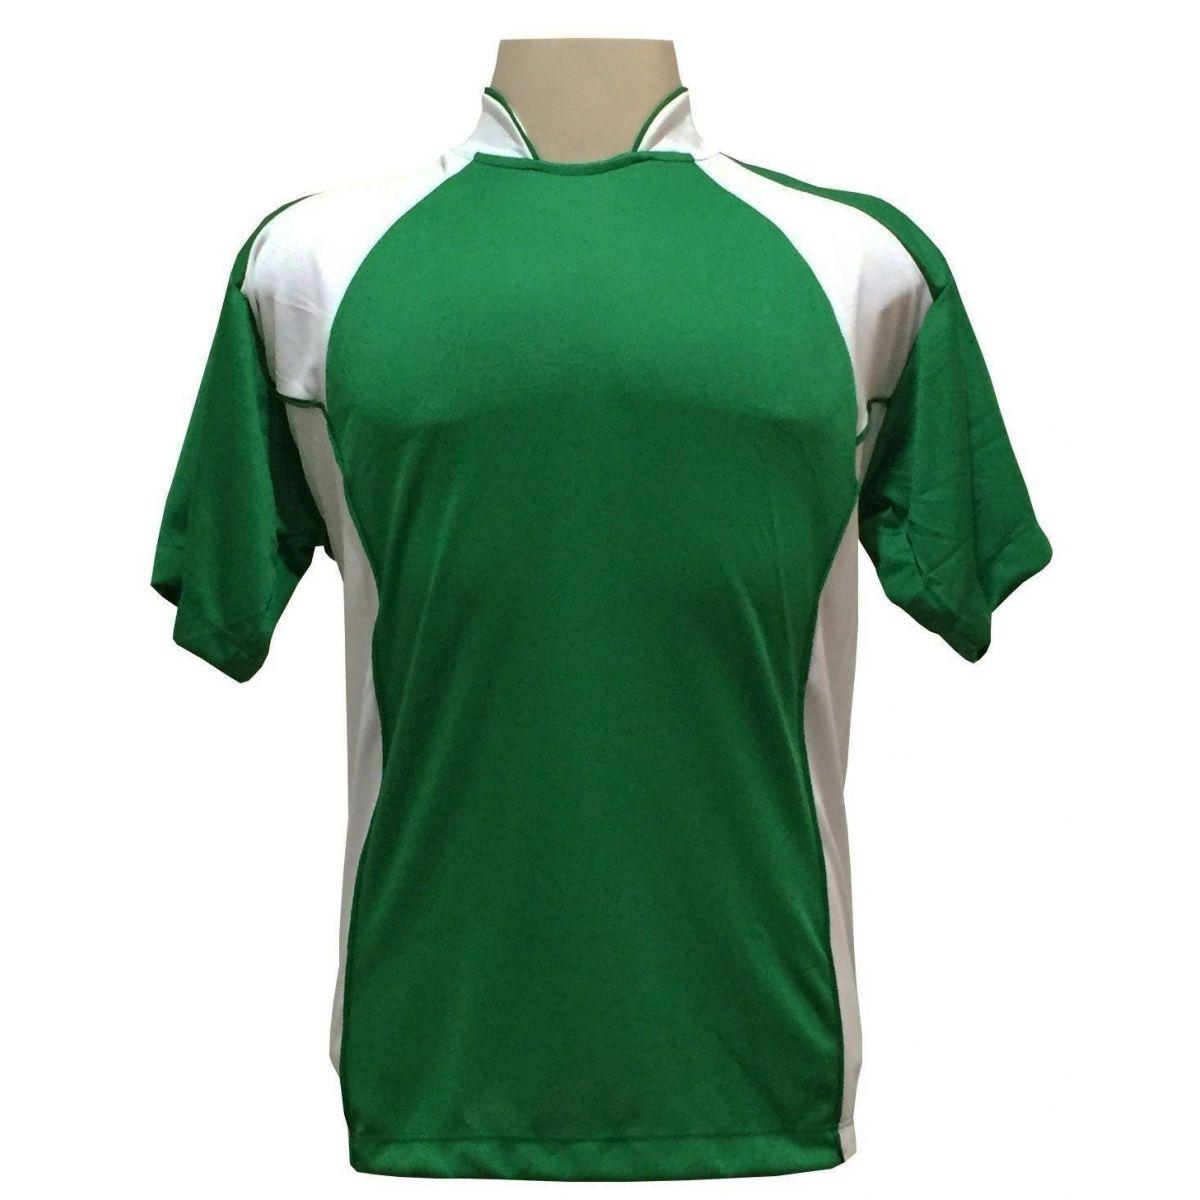 Uniforme Esportivo Completo modelo Suécia 14+1 (14 Camisas Verde/Branco + 14 Calções modelo Copa Verde/Branco + 14 Pares de Meiões Brancos + 1 Conjunto de Goleiro) + Brindes